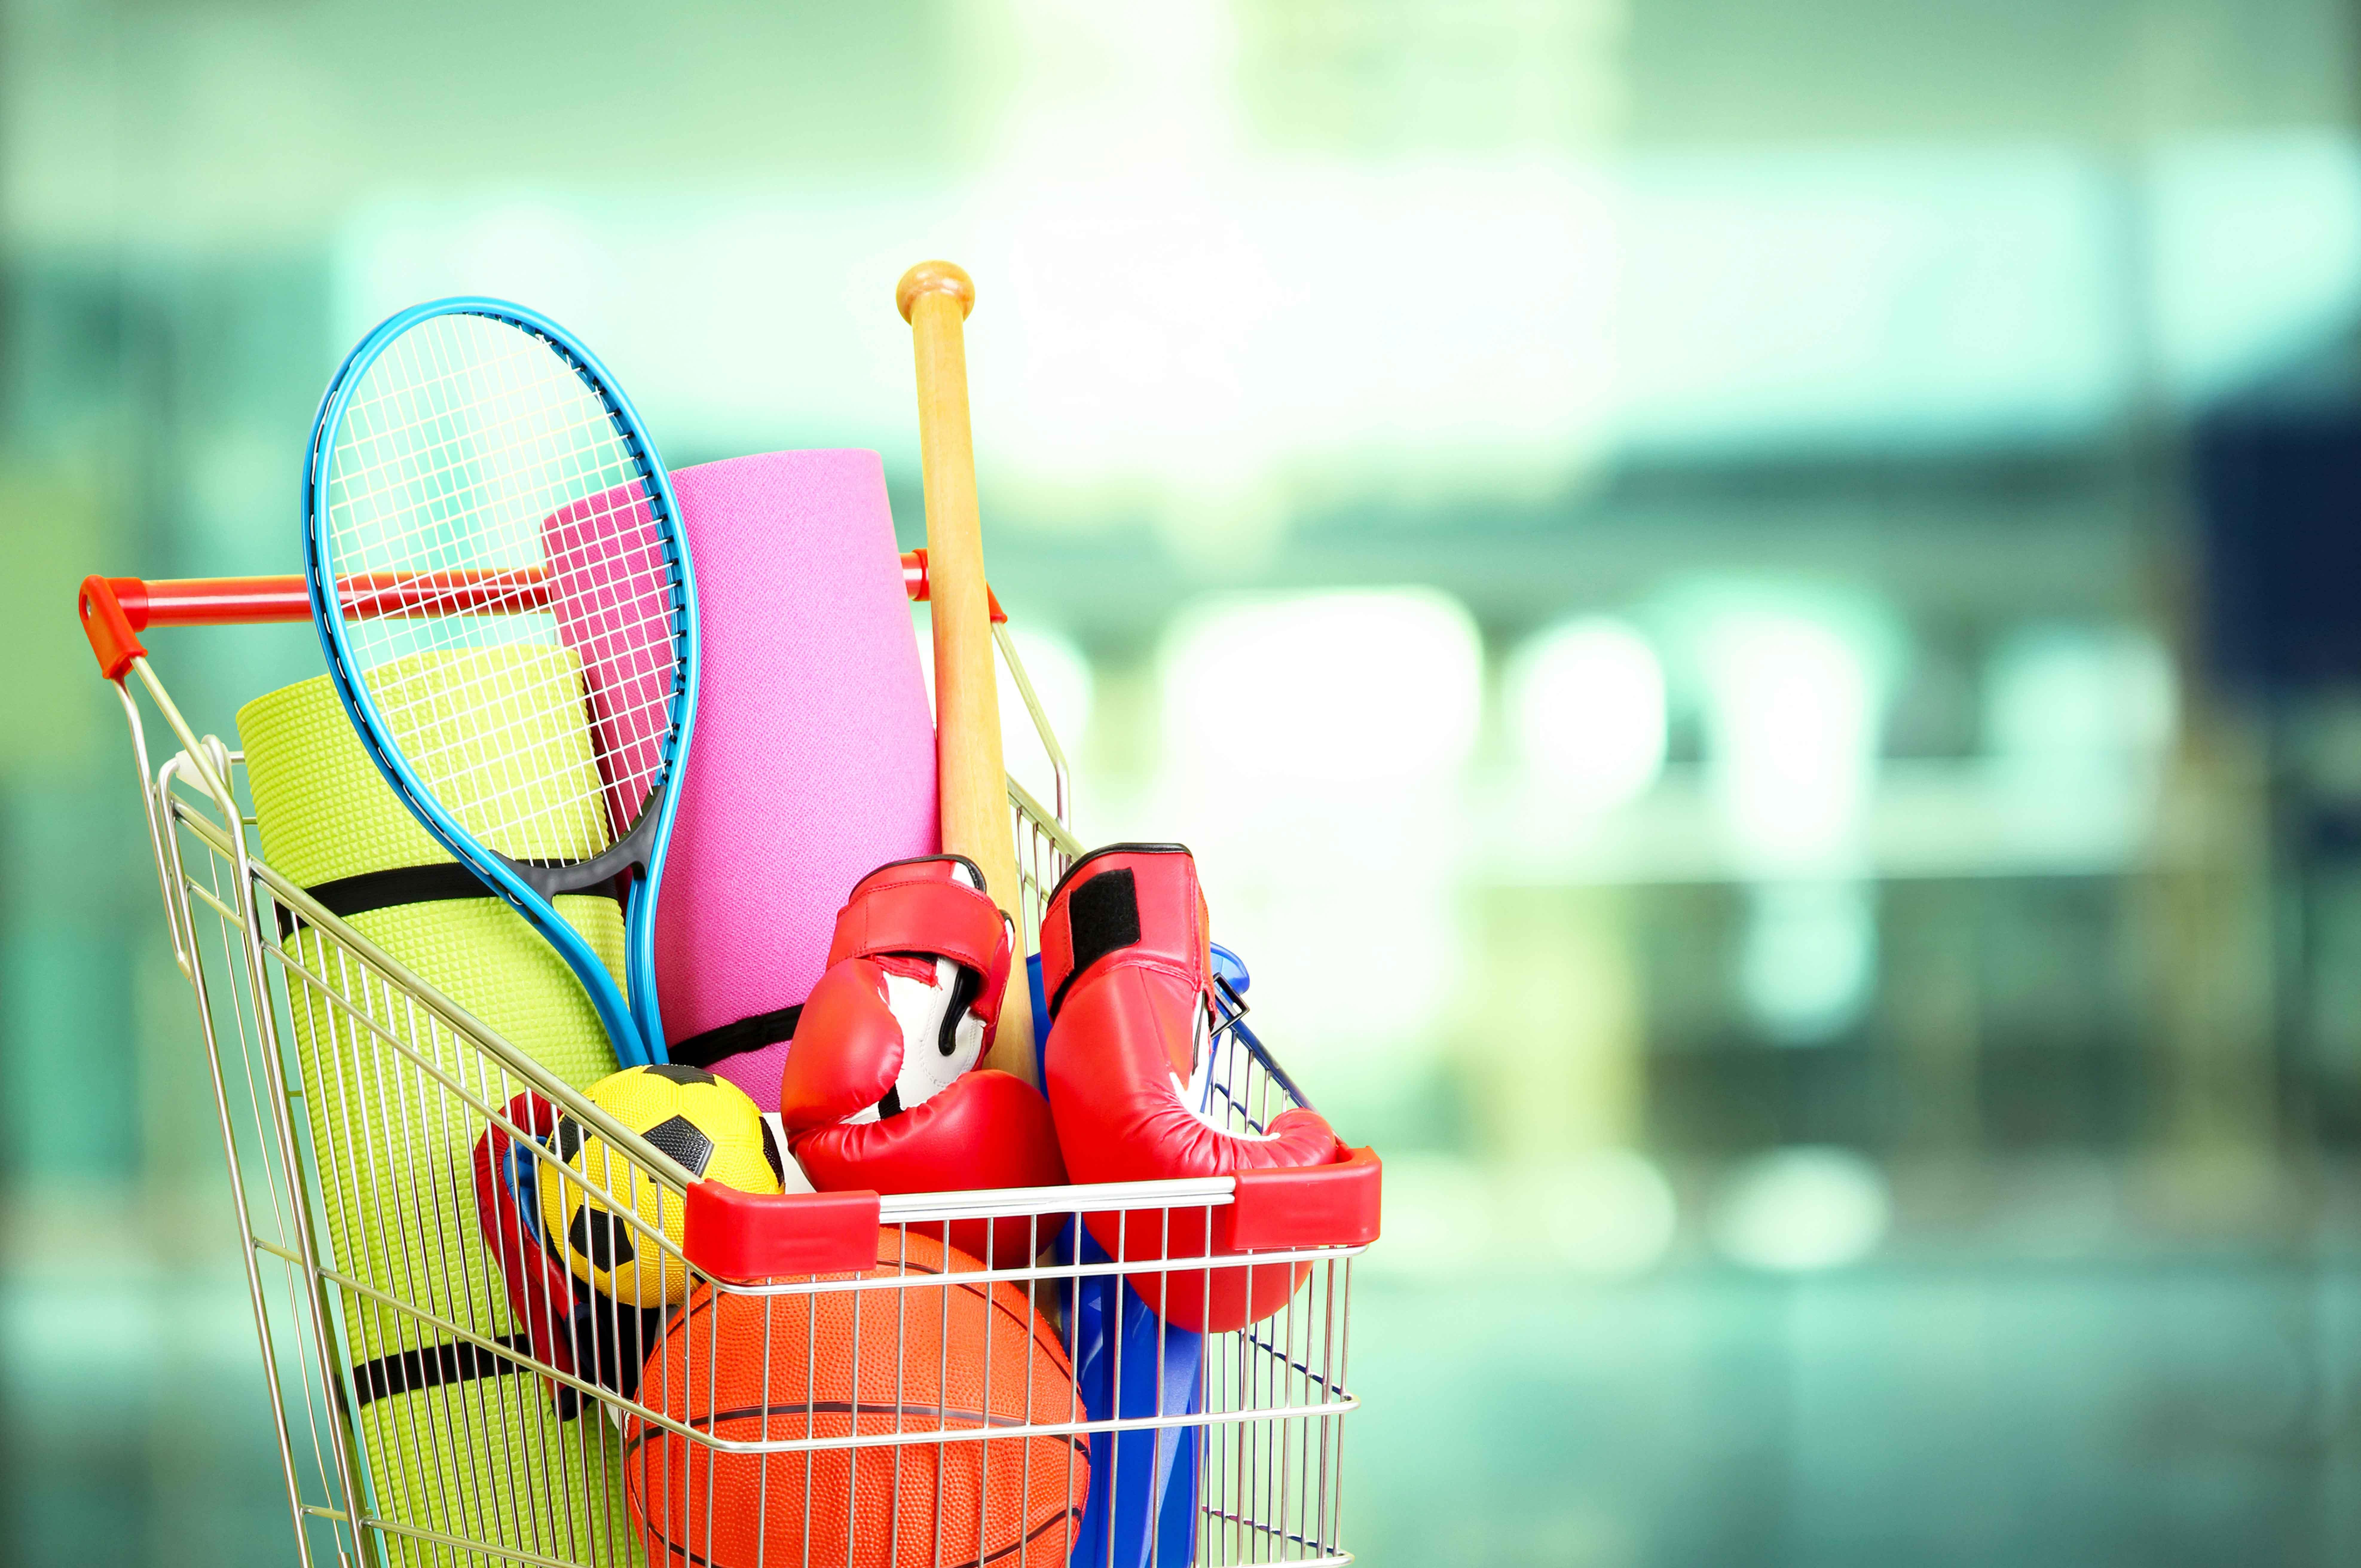 Carrito de la compra lleno de utensilios deportivos